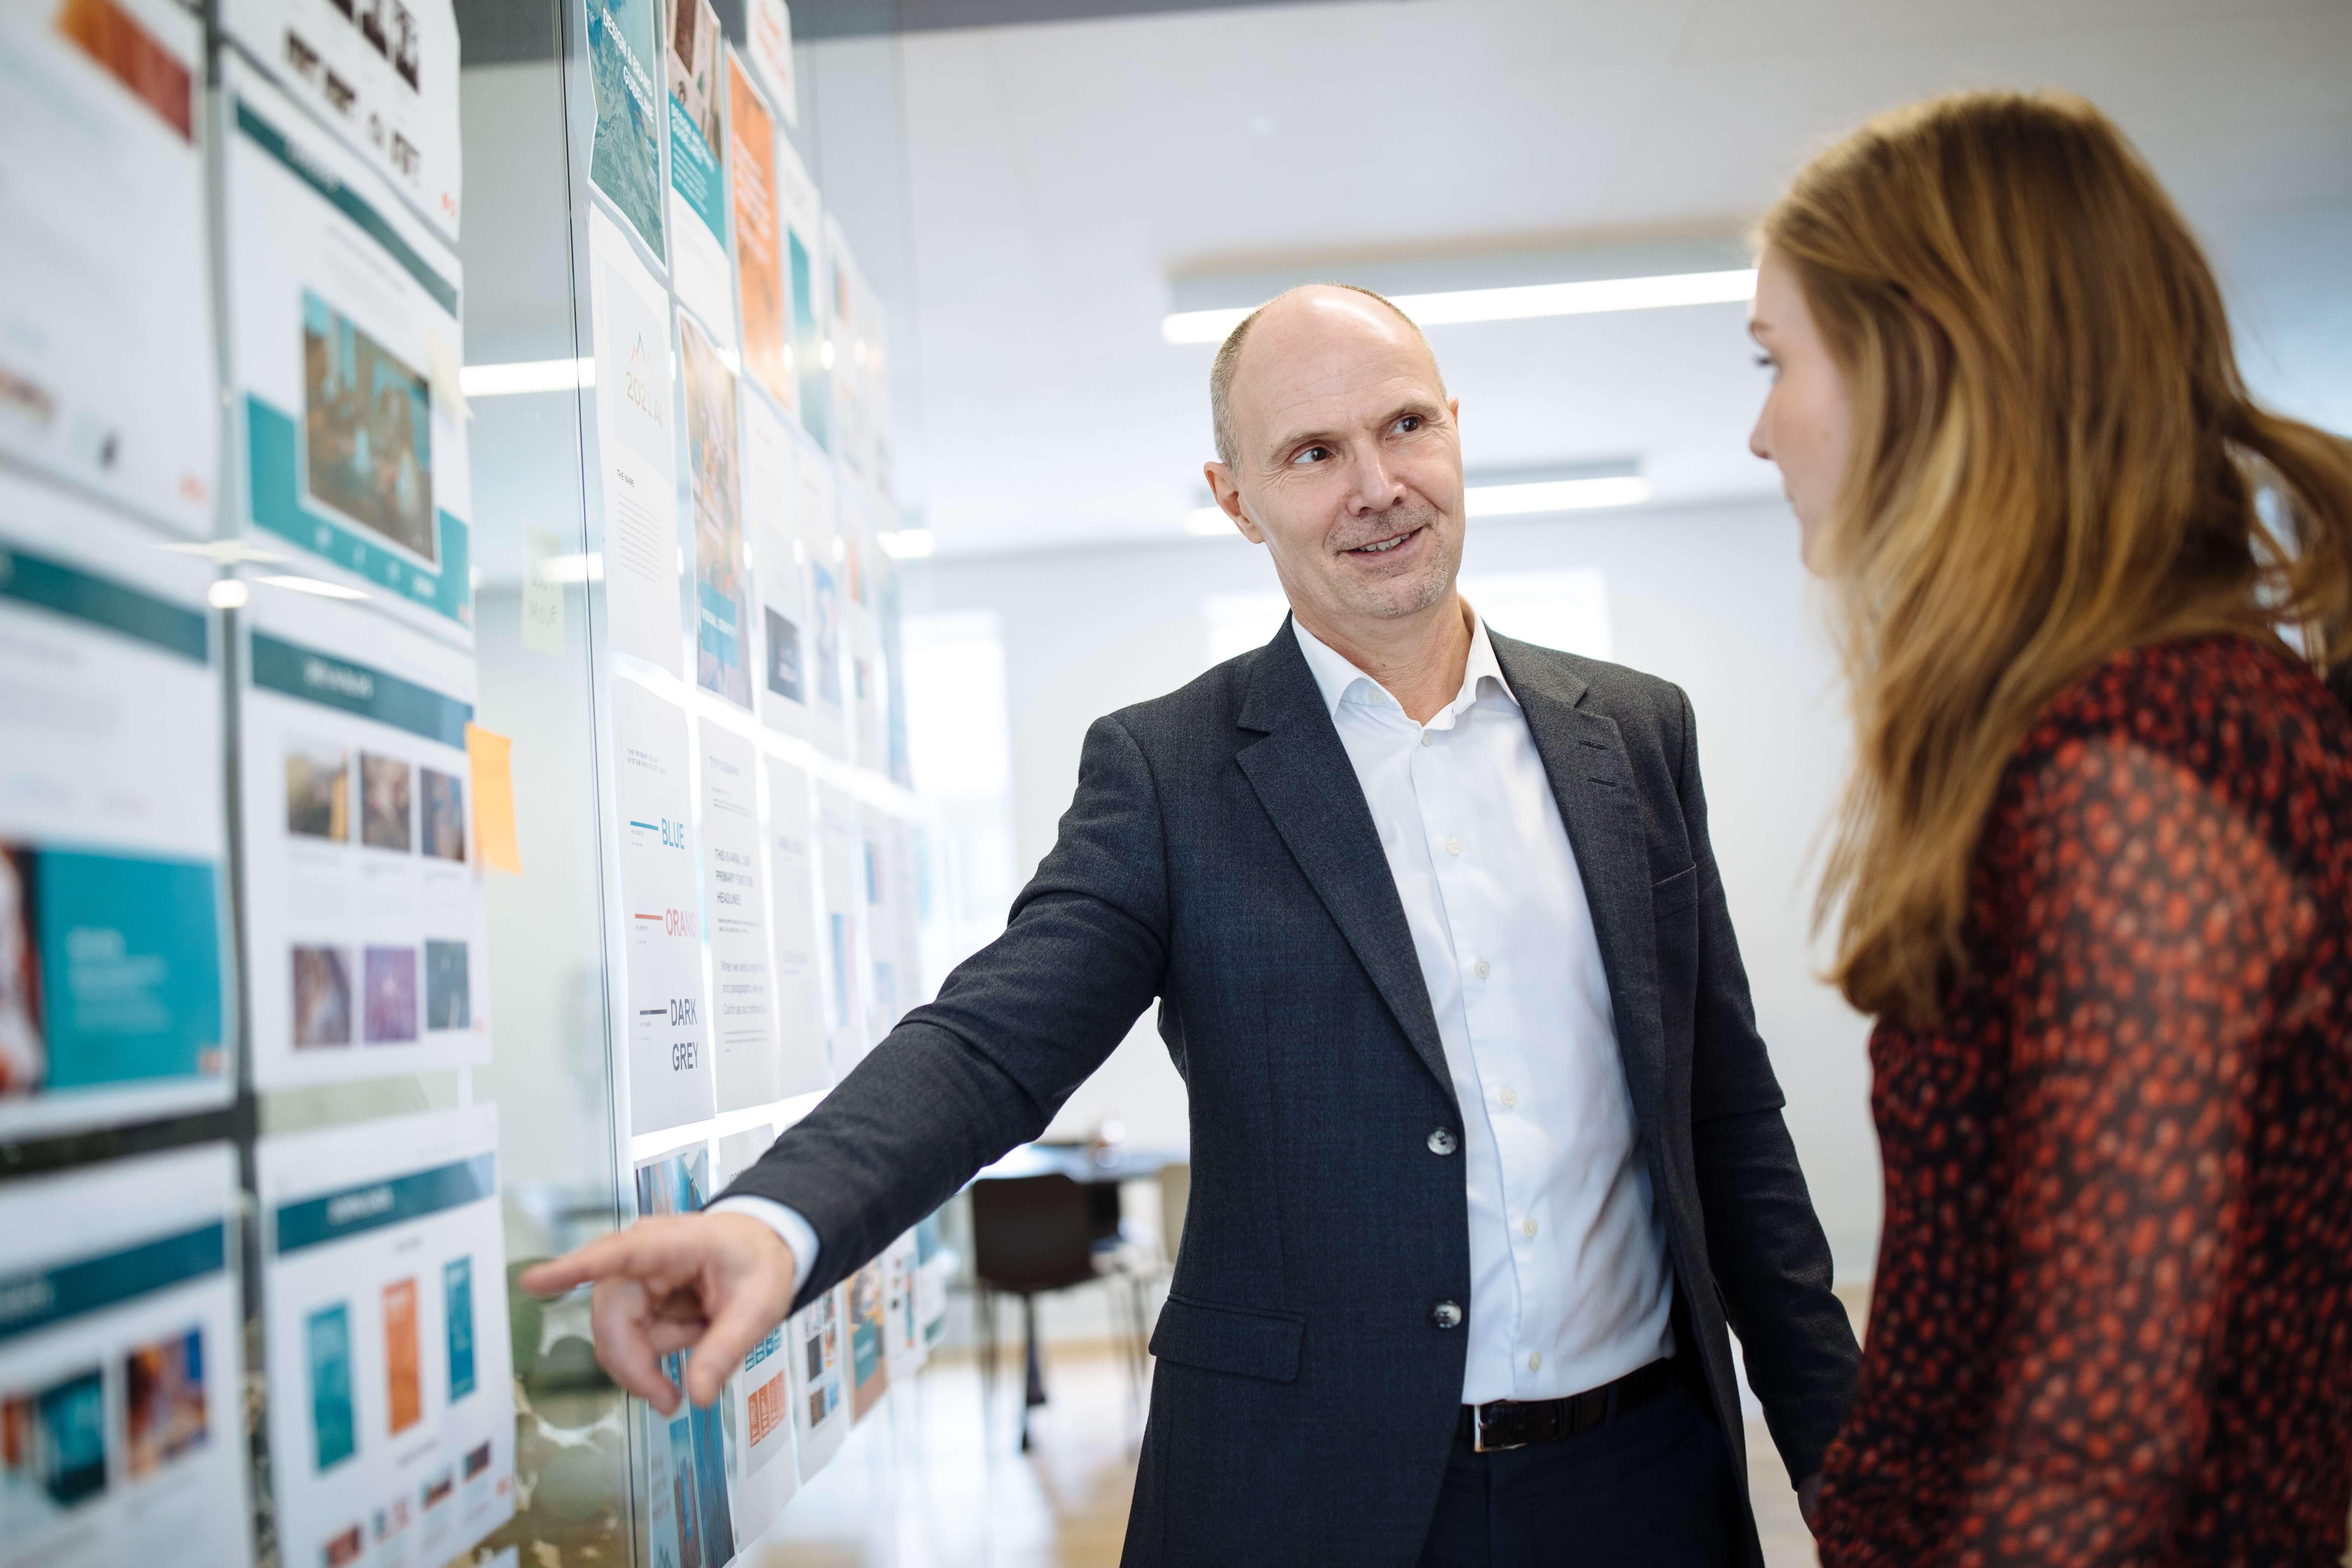 Mikael Munck, CEO & Founder, 2021.AI